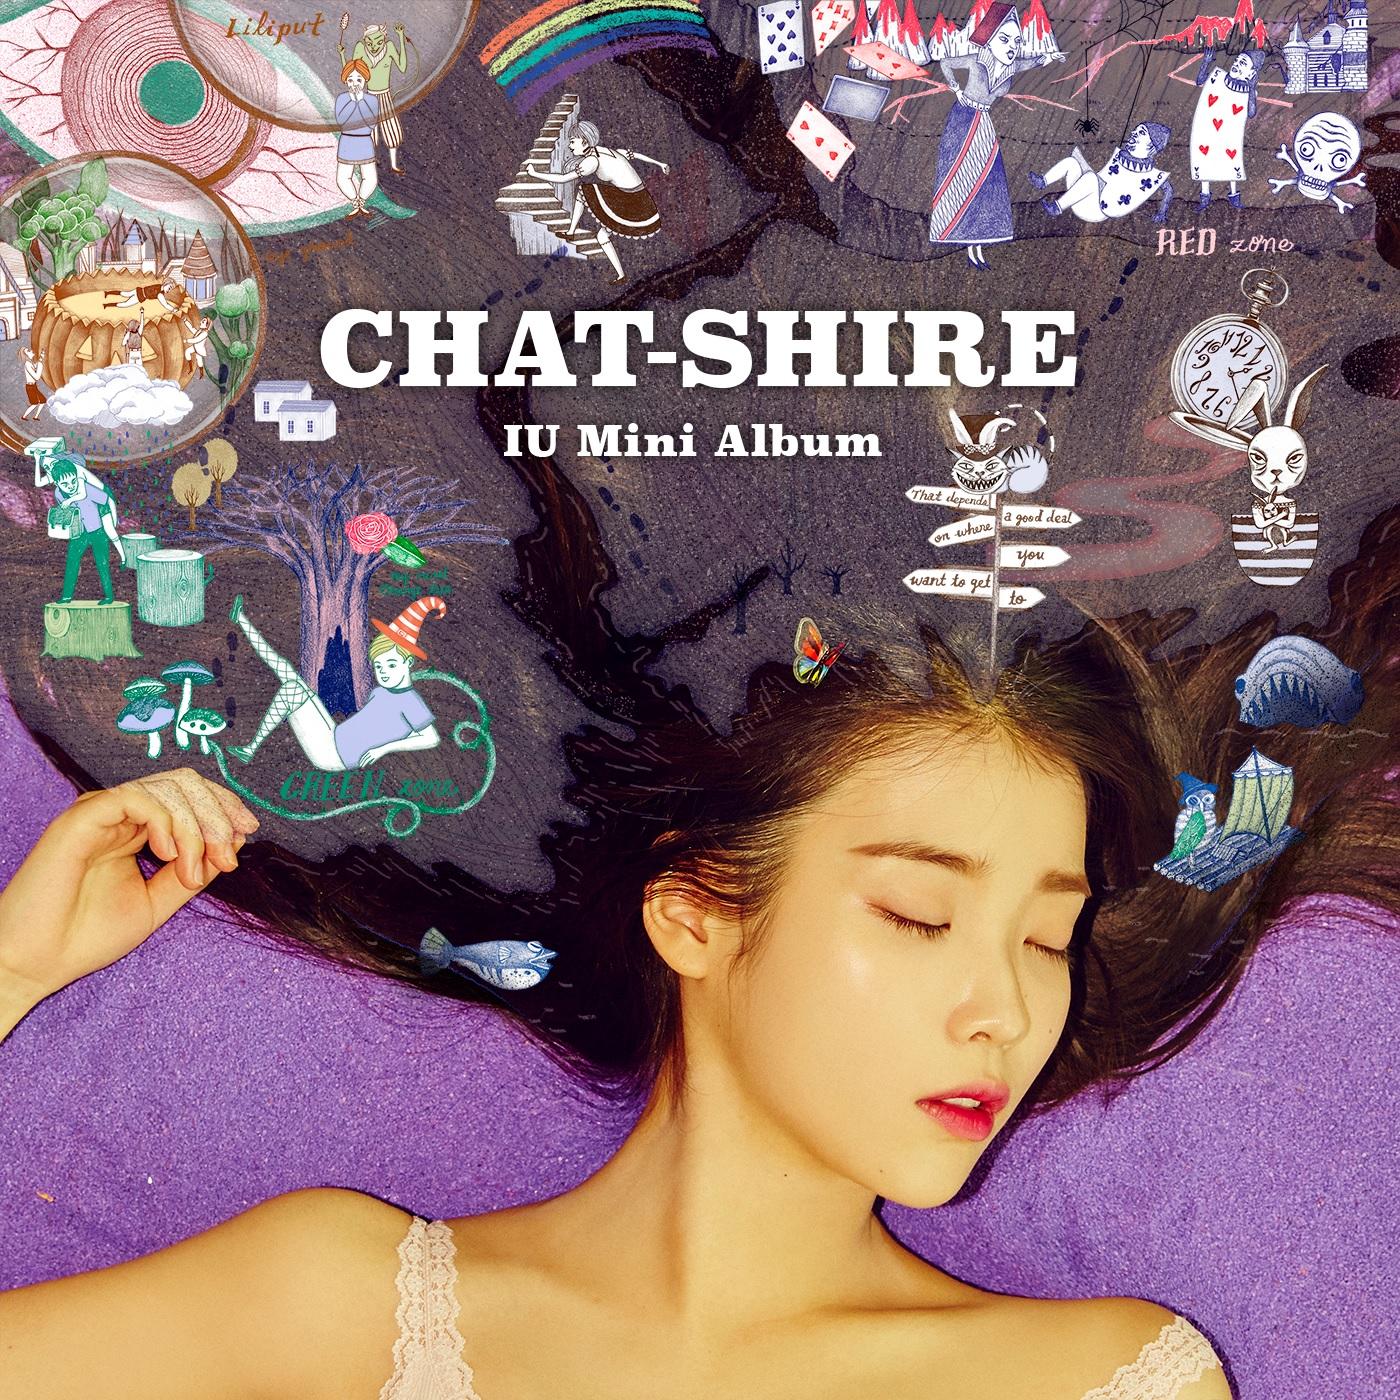 Mini Album IU Chat-Shire Mp3 Full Download